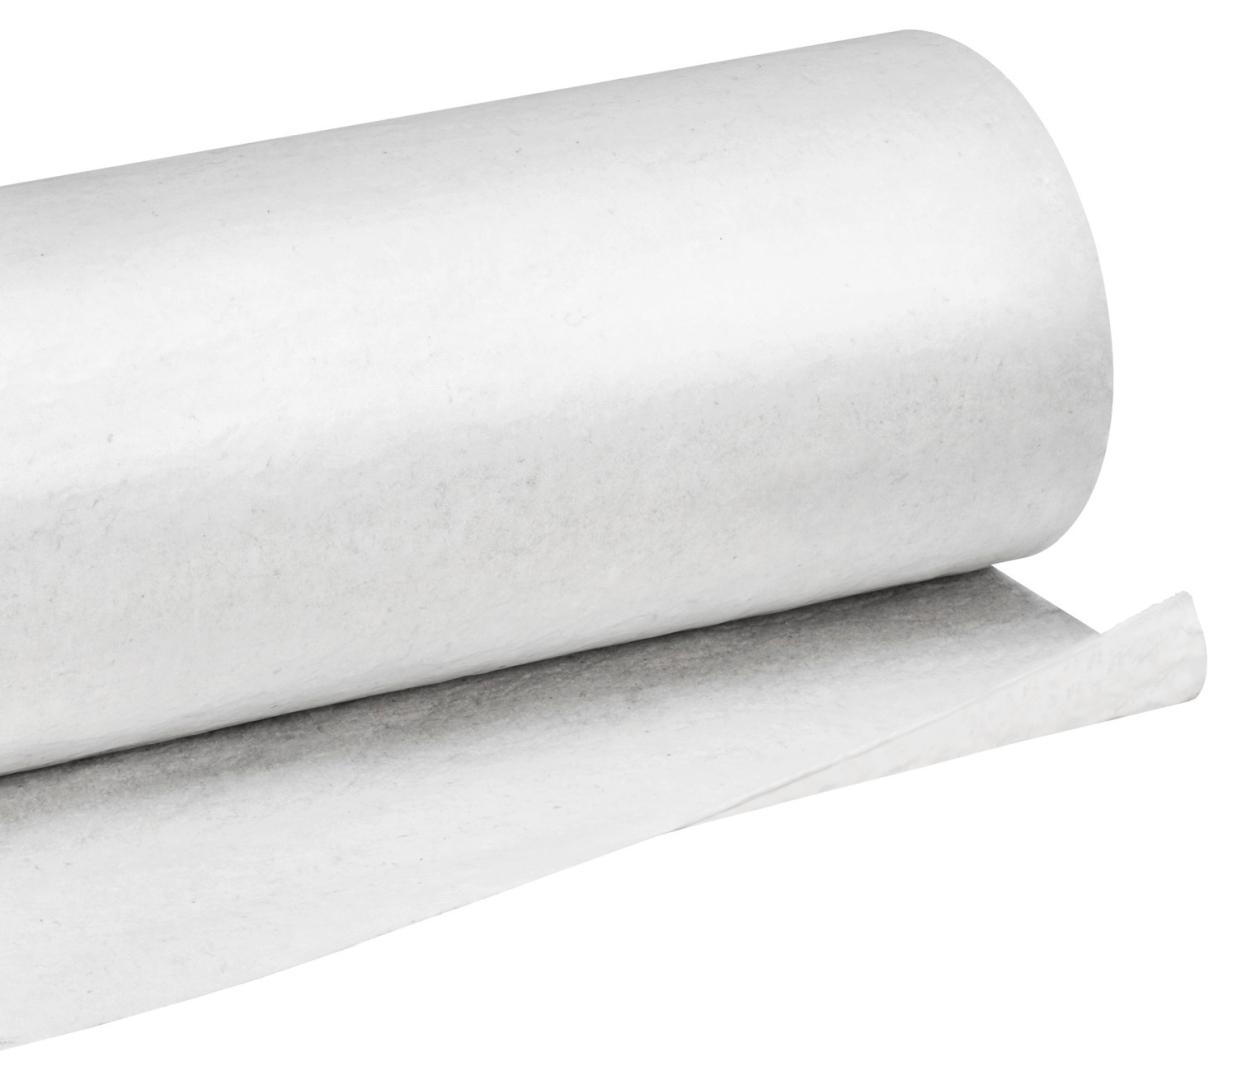 STORCH Abdeckvlies Saugvlies, weiß, 1 x 50 m Rolle, 270 g / m²